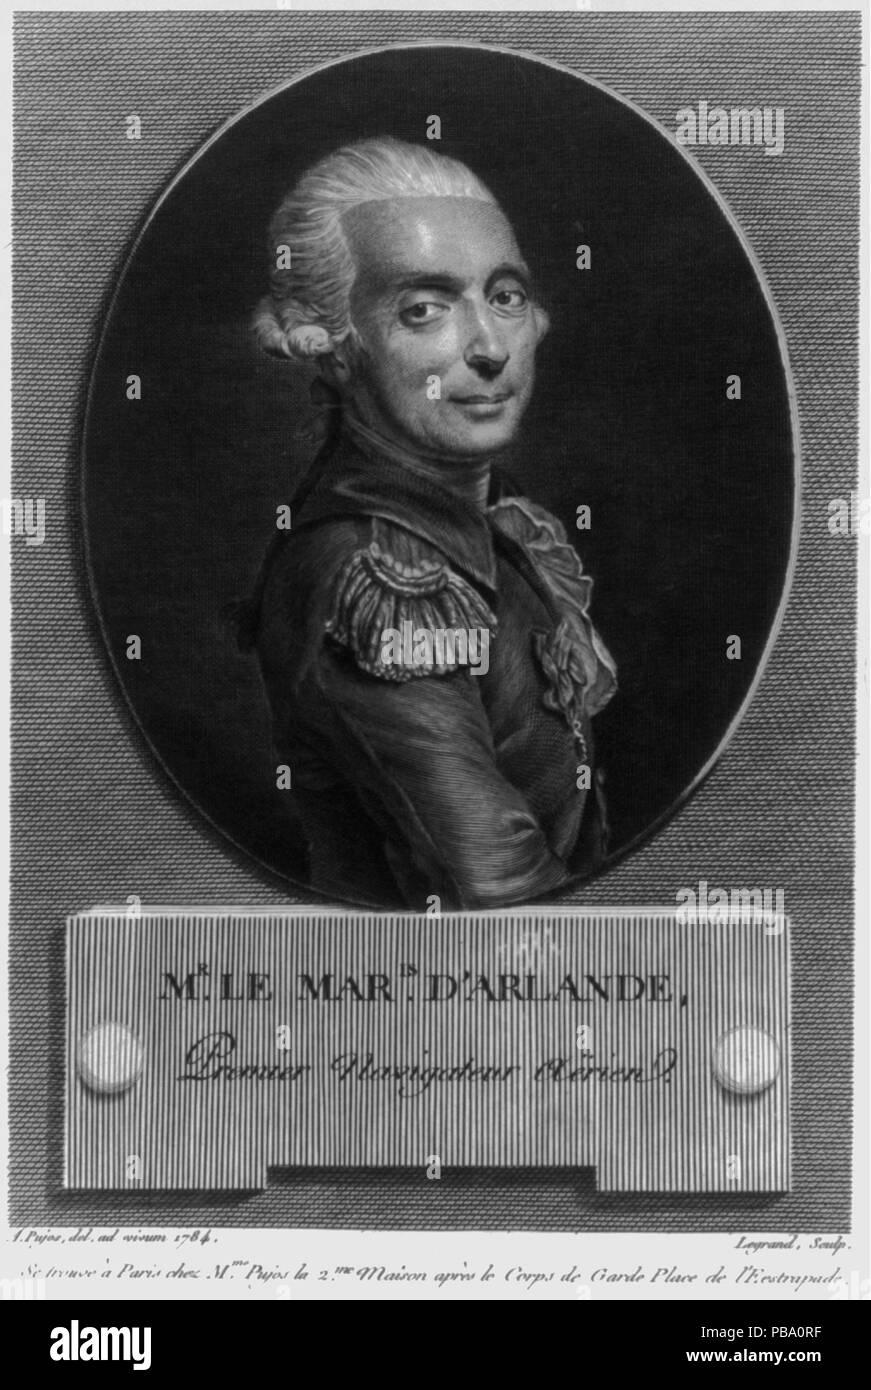 1064 Mr. le maris. dʹArlande, premier navigateur aërien LCCN2002716384 - Stock Image